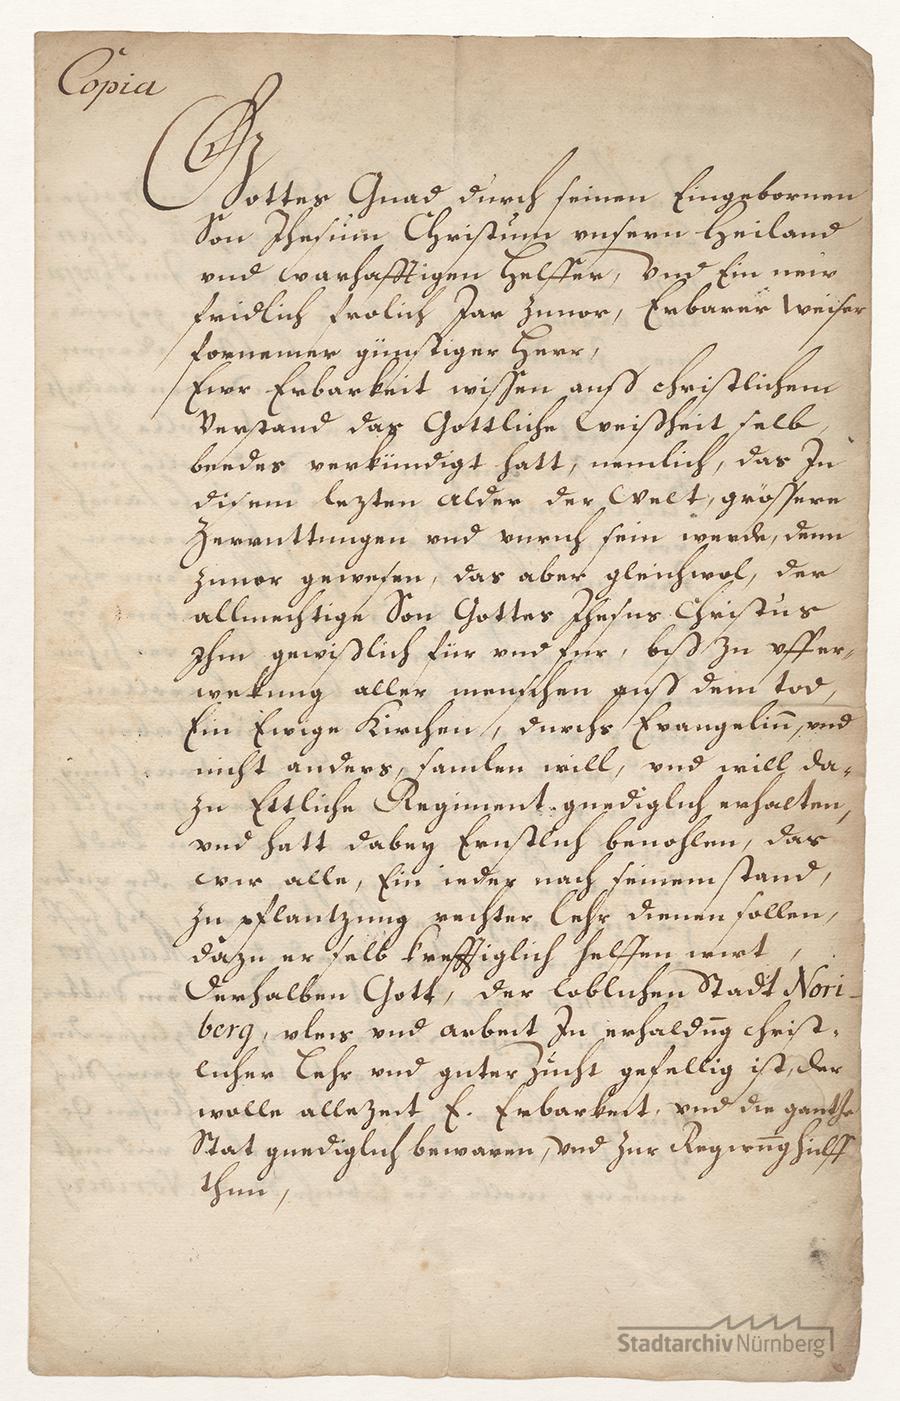 Abschrift (Copia) eines von Philipp Melanchthon an Herrn Leonhard Tucher als Pflegern im Neuen Hospital zum Heiligen Geist zu Nürnberg am 29. November 1555 eigenhändig erlassenen Schreibens. 2 Bl., Papier (Stadtarchiv Nürnberg E 1/1082 Nr. 1).